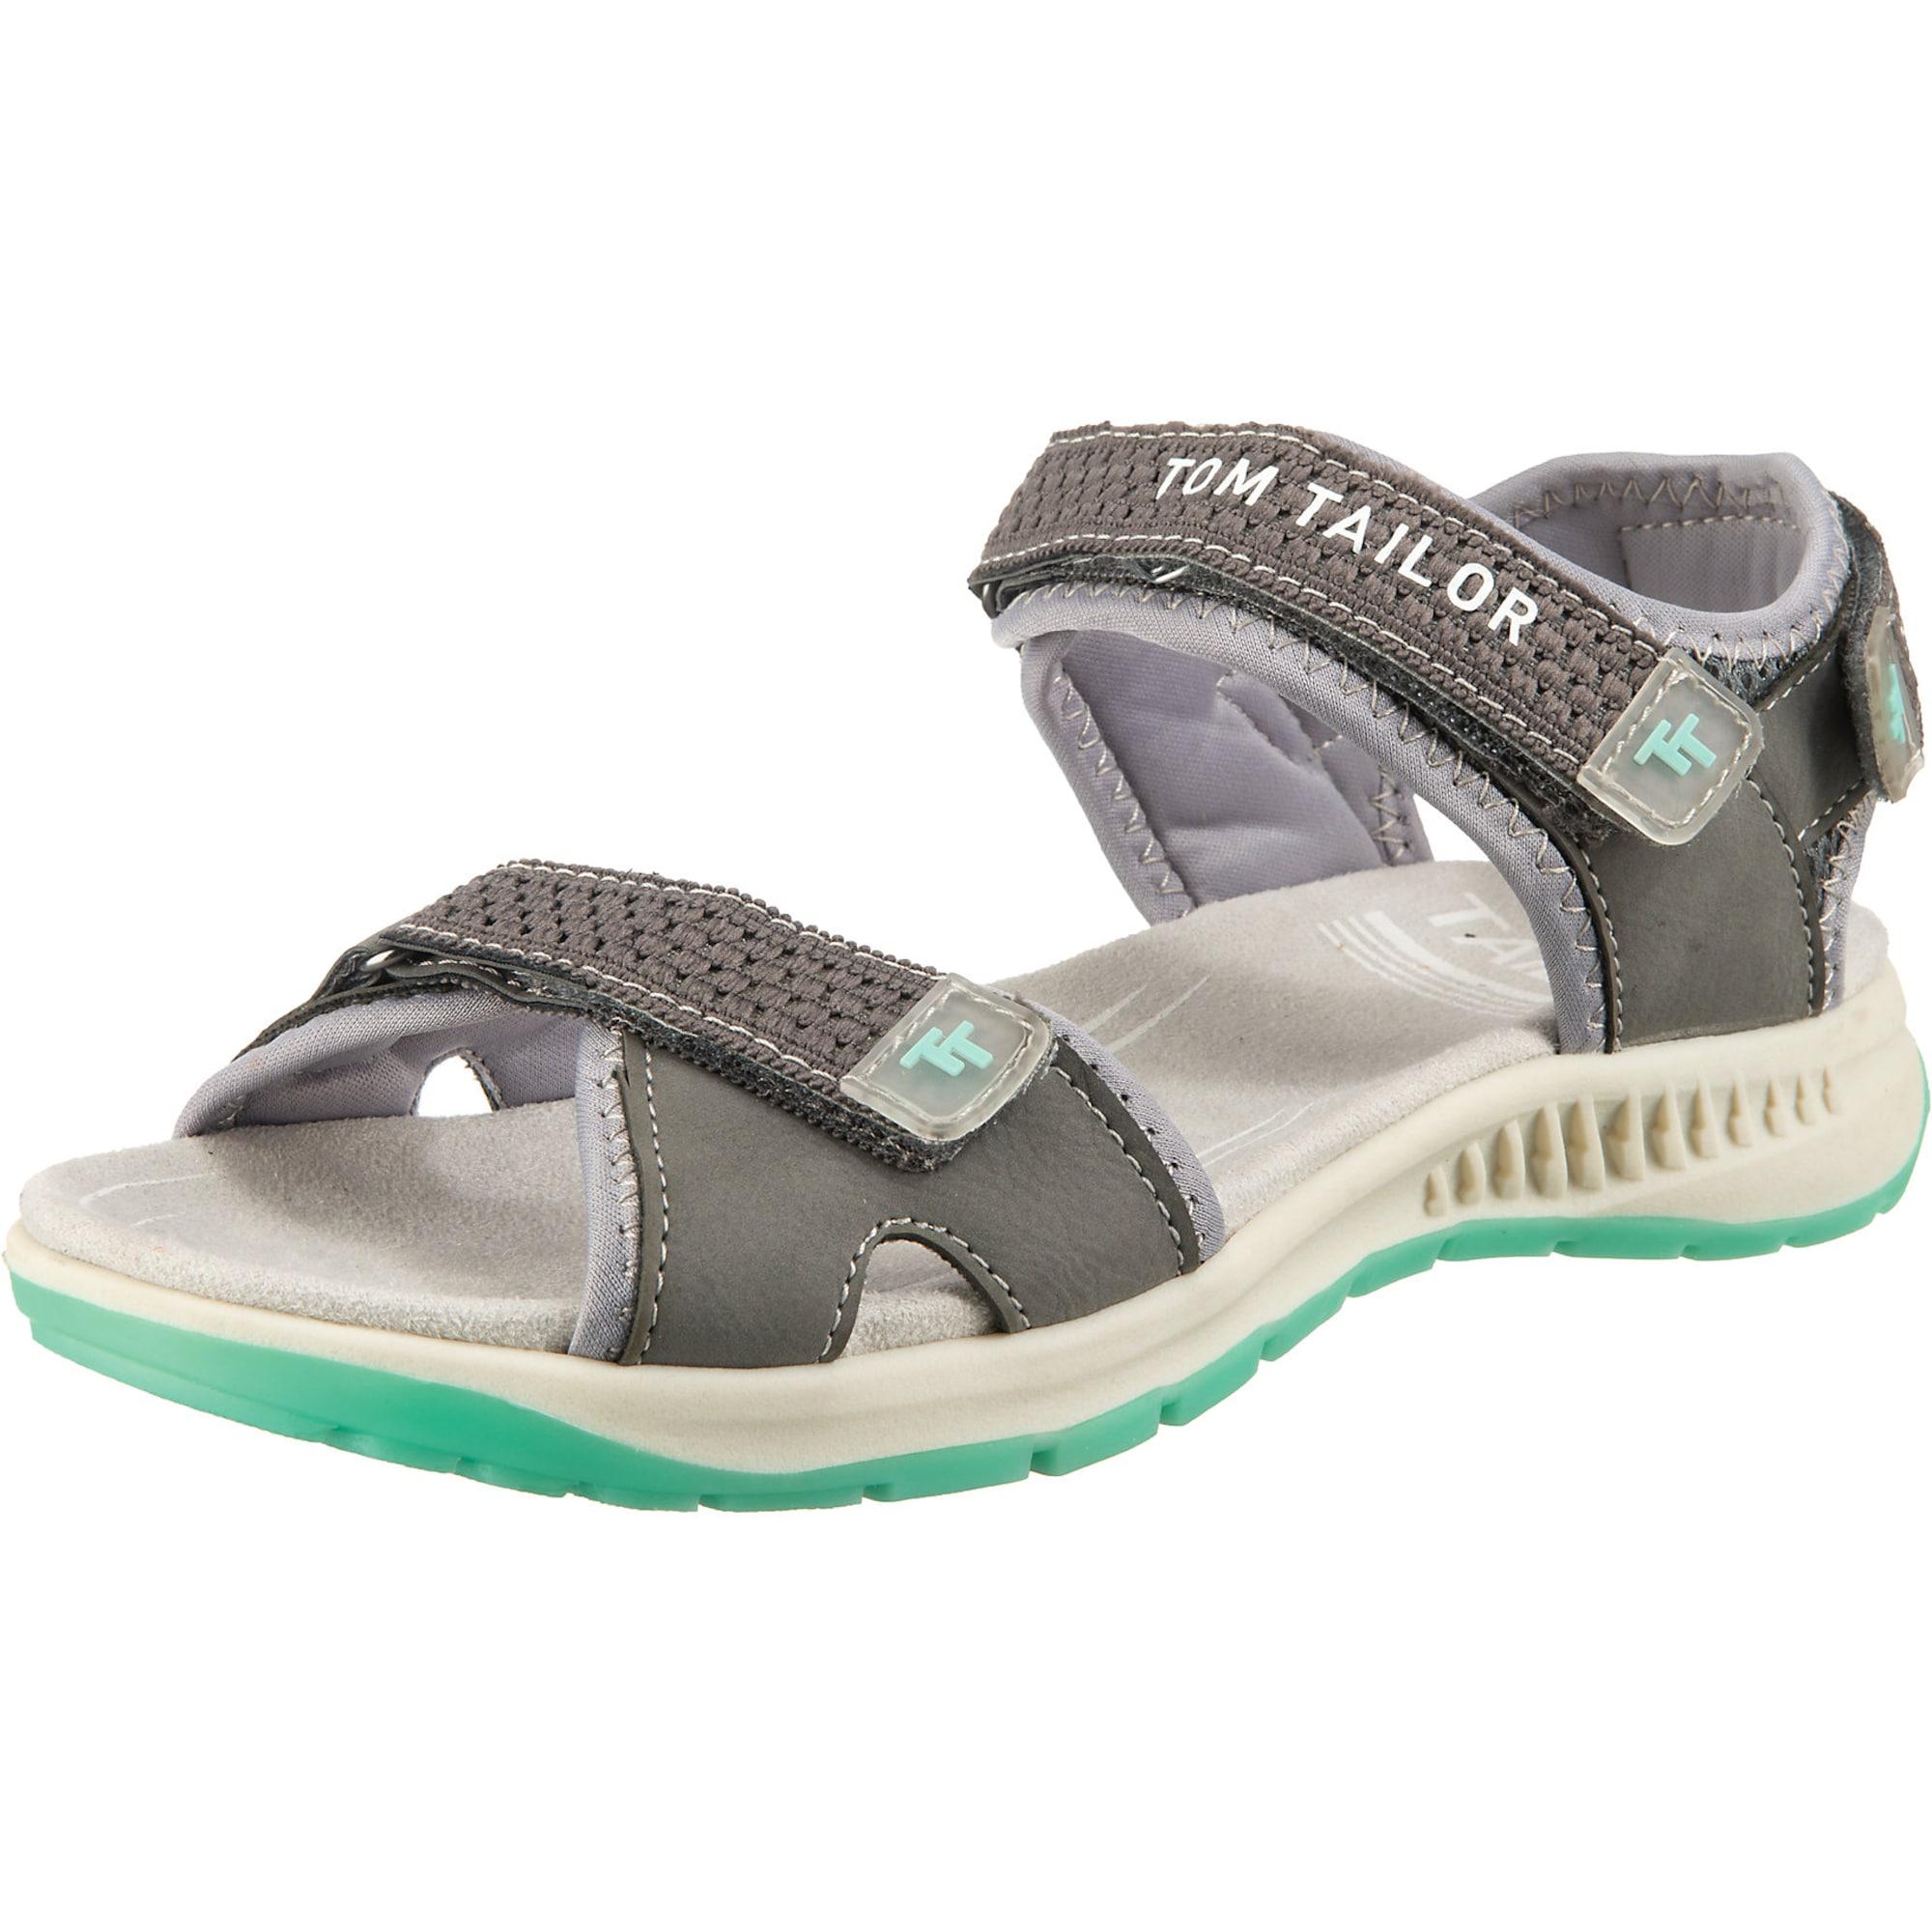 TOM TAILOR Sportinio tipo sandalai akmens / smėlio / mėtų spalva